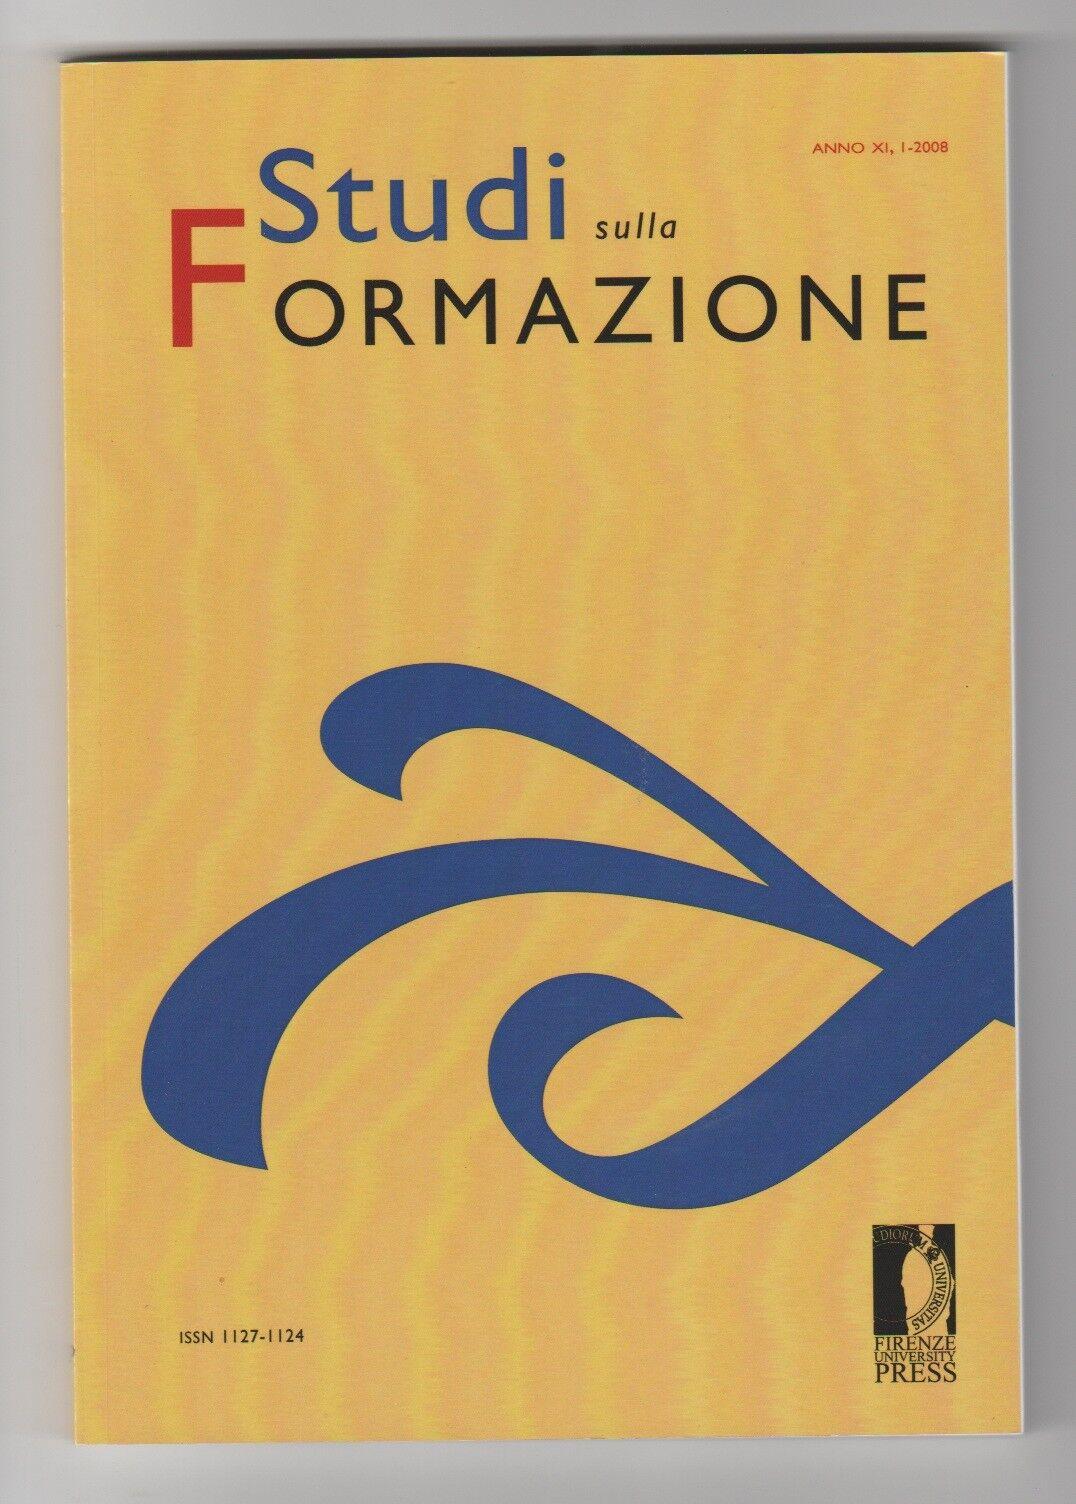 Studi sulla formazione anno XI n° 1 2008 - Firenze University Press